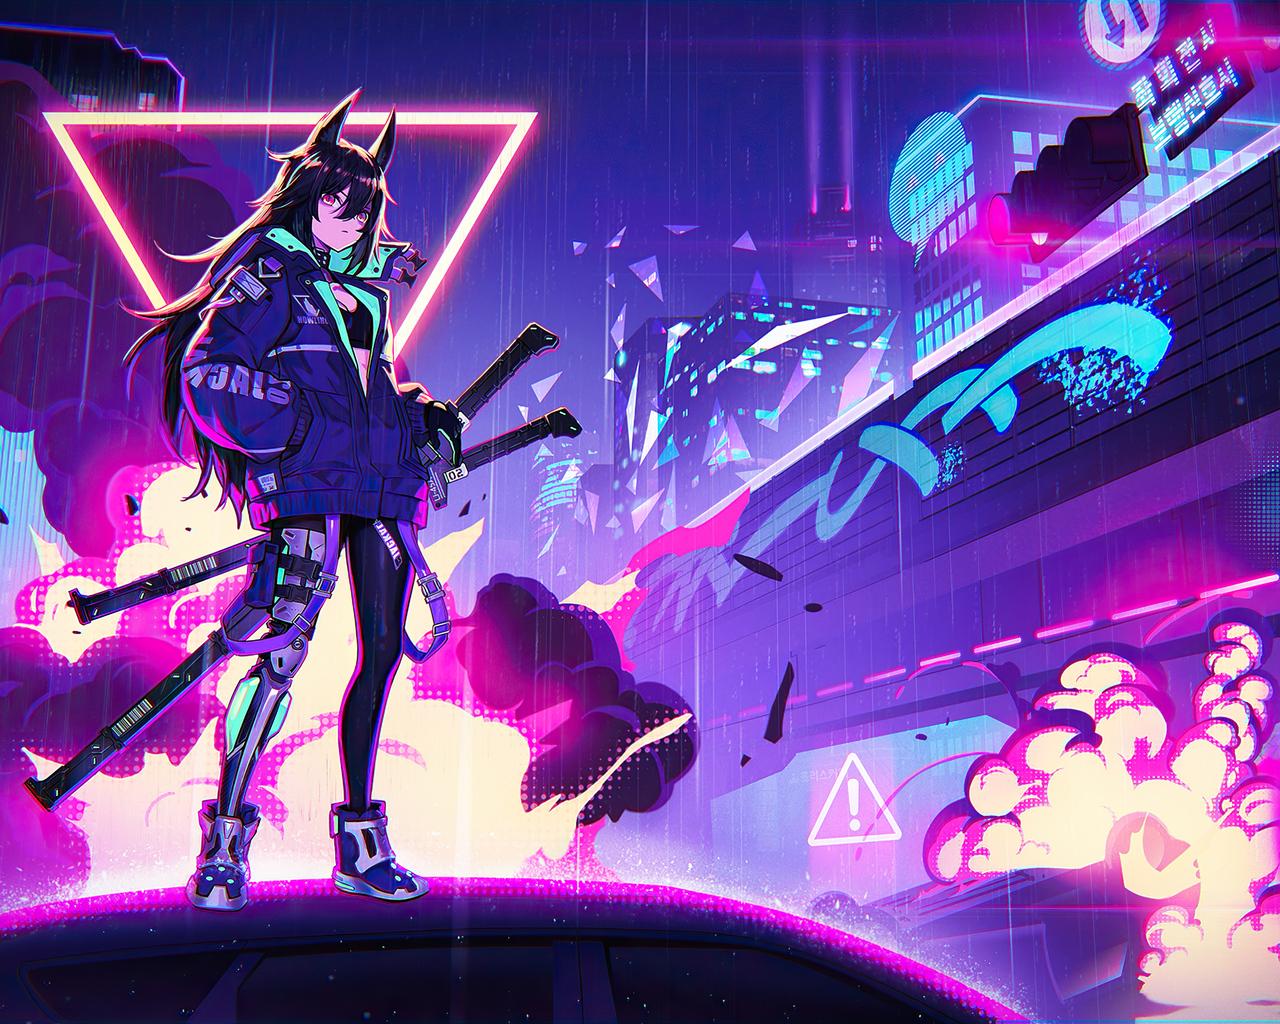 Anime Girl Wallpaper Neon Anime Wallpaper Hd